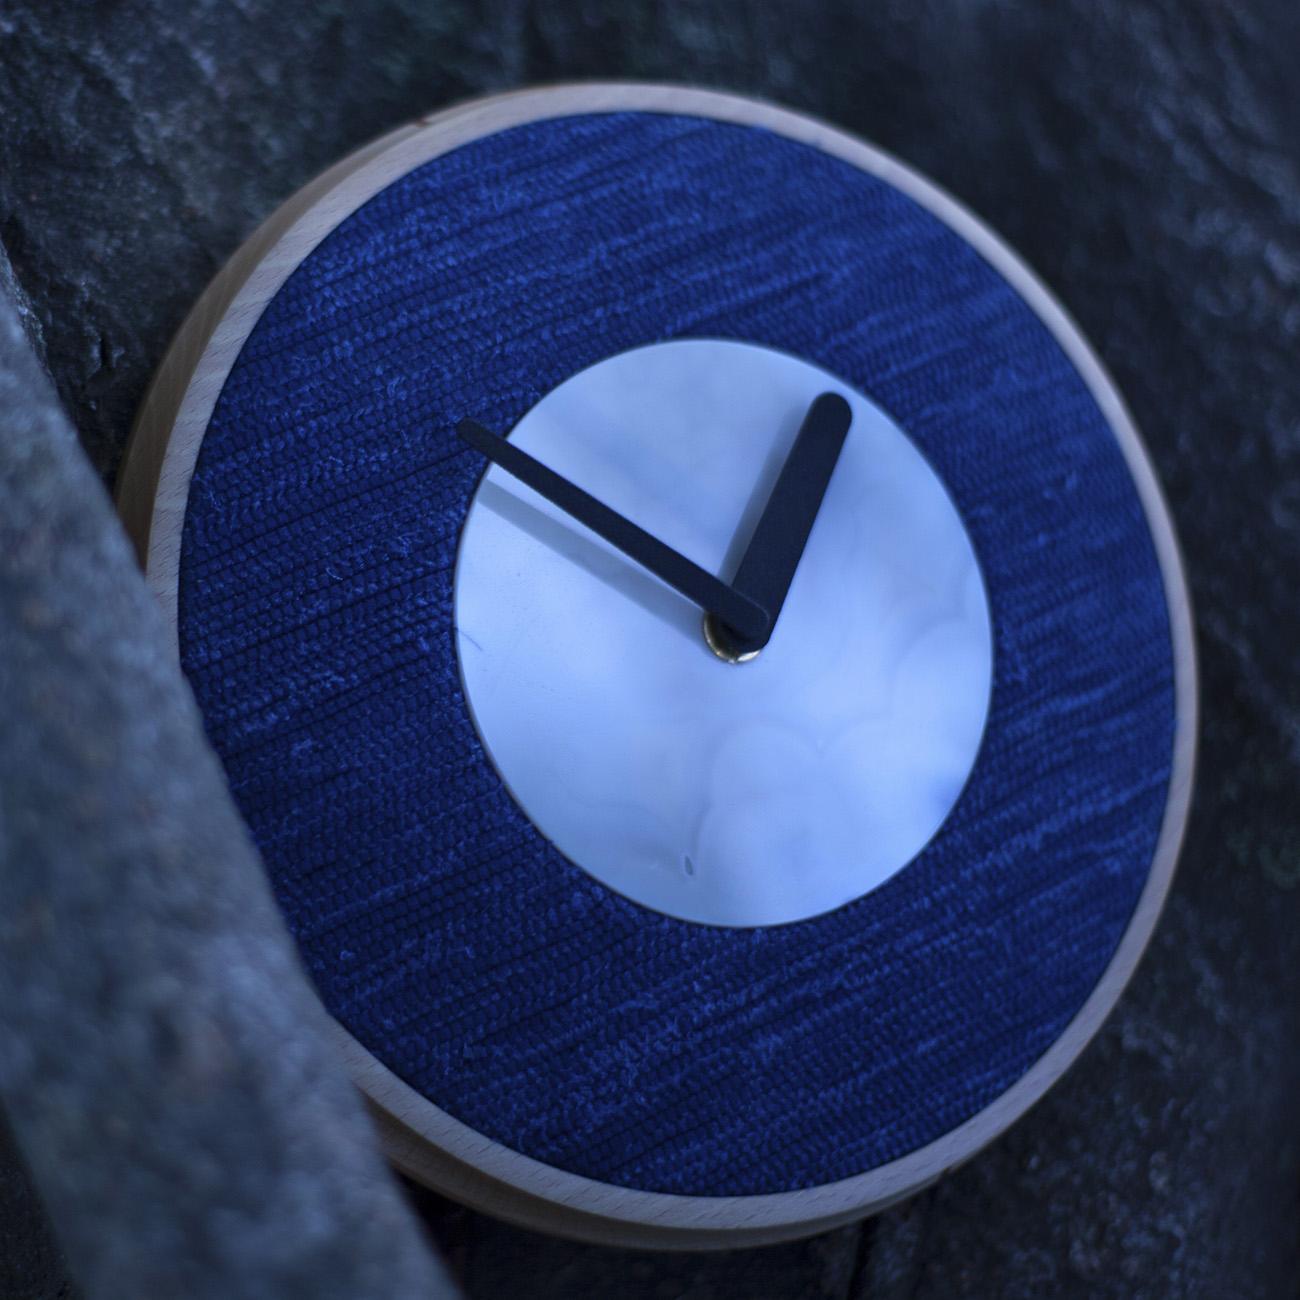 SAKURI CLOCK